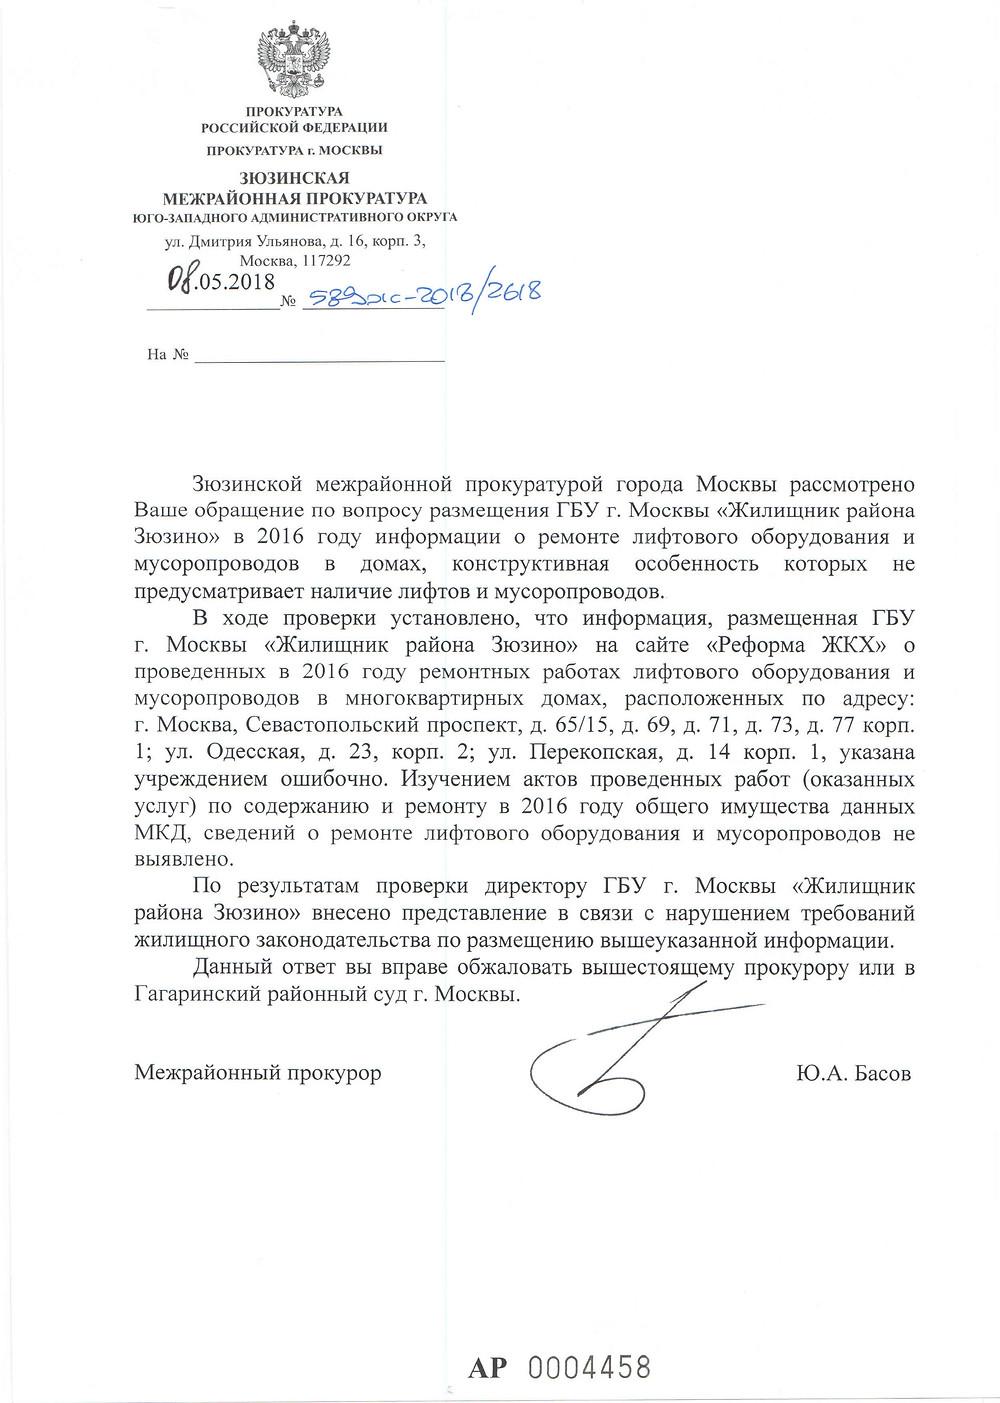 Ответ Зюзинской межрайонной прокуратуры по вопросу размещения ГБУ Жилищник района Зюзино информации о ремонте лифтов в пятиэтажных домах без лифта